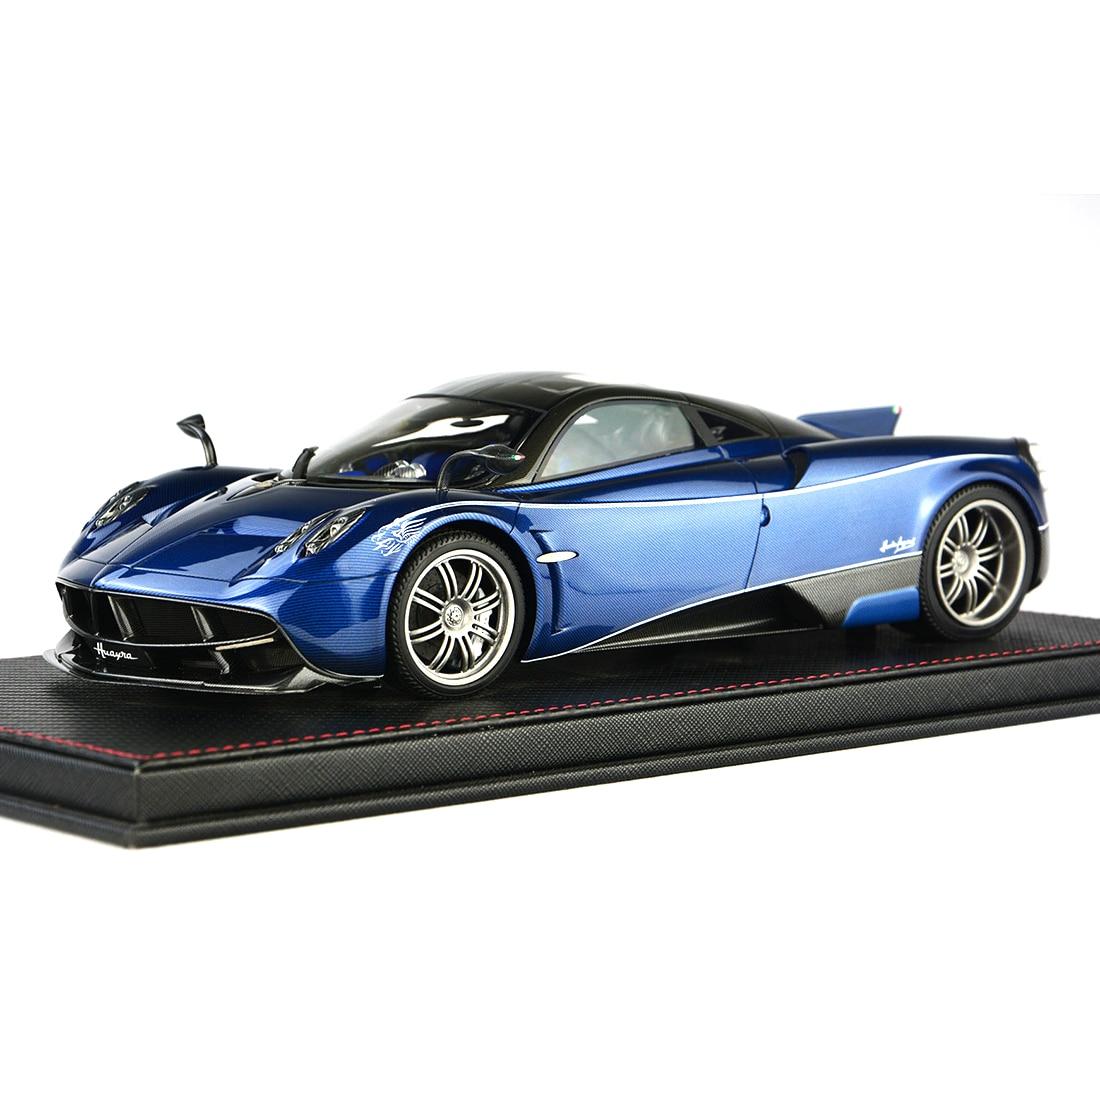 1:18 modelo de coche Pagani HUAYRA colección de modelos de decoración con Base cubierta de polvo modelo educativo juguete azul/Gris Carbón/rojo púrpura - 4